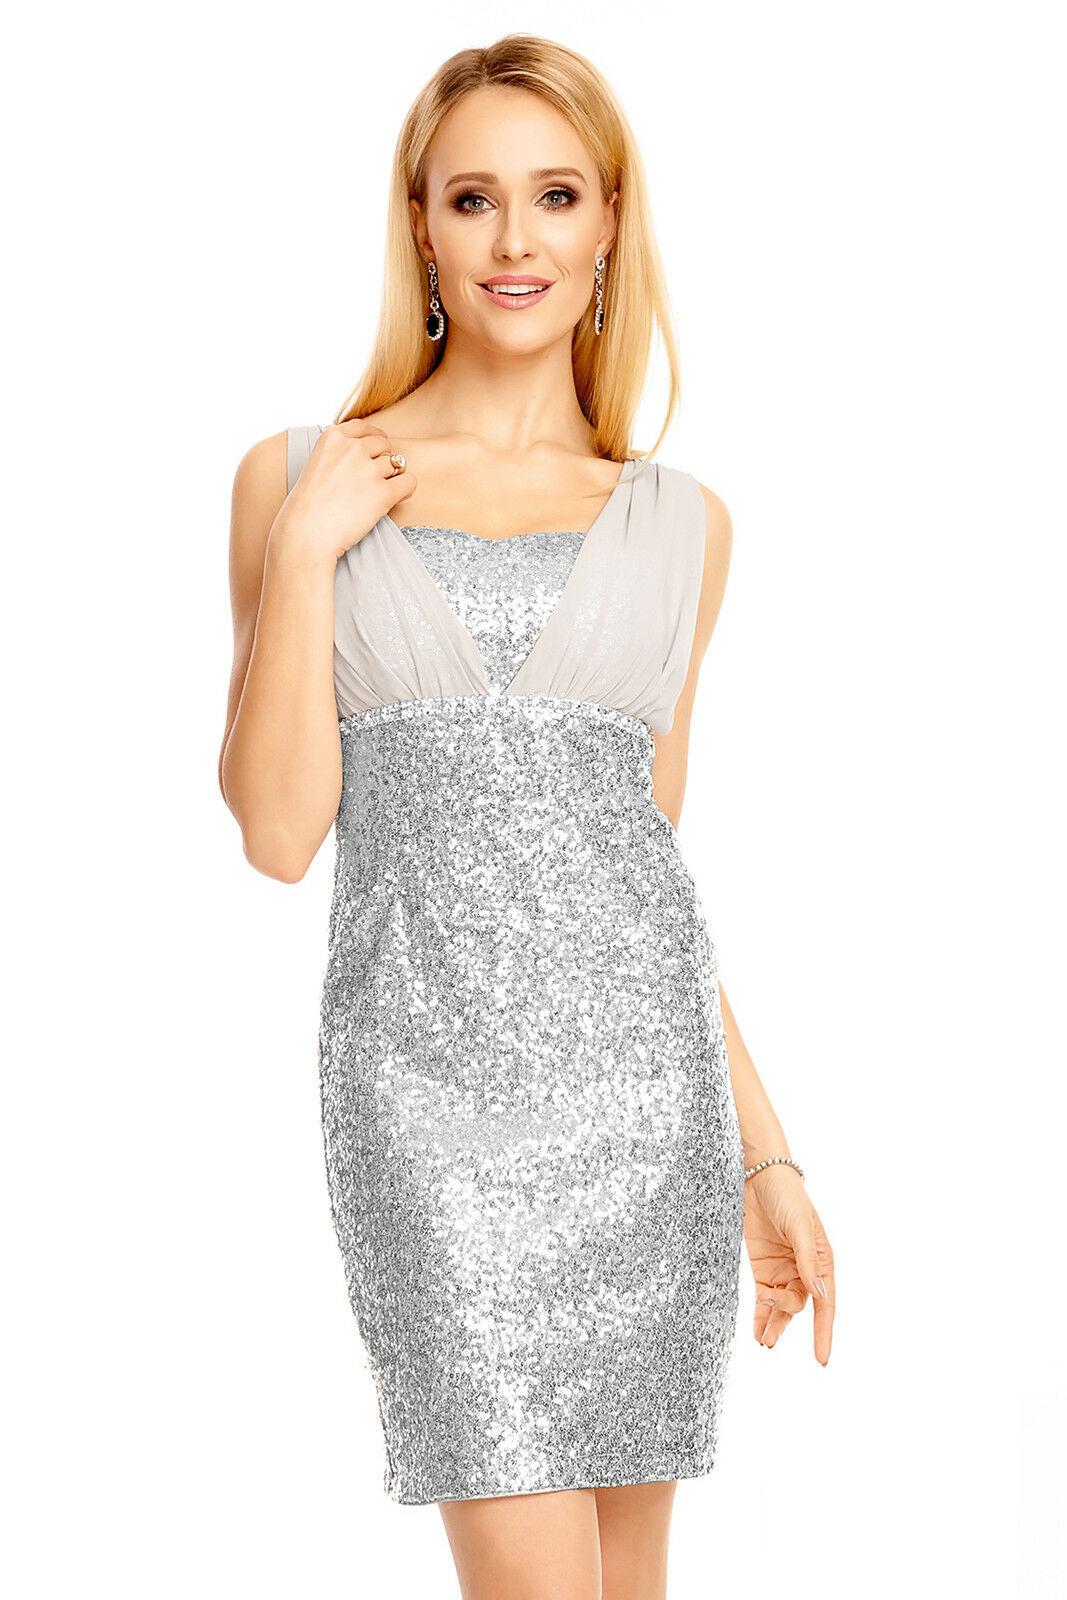 Abend Einzigartig Glänzende Kleider Vertrieb17 Großartig Glänzende Kleider Bester Preis